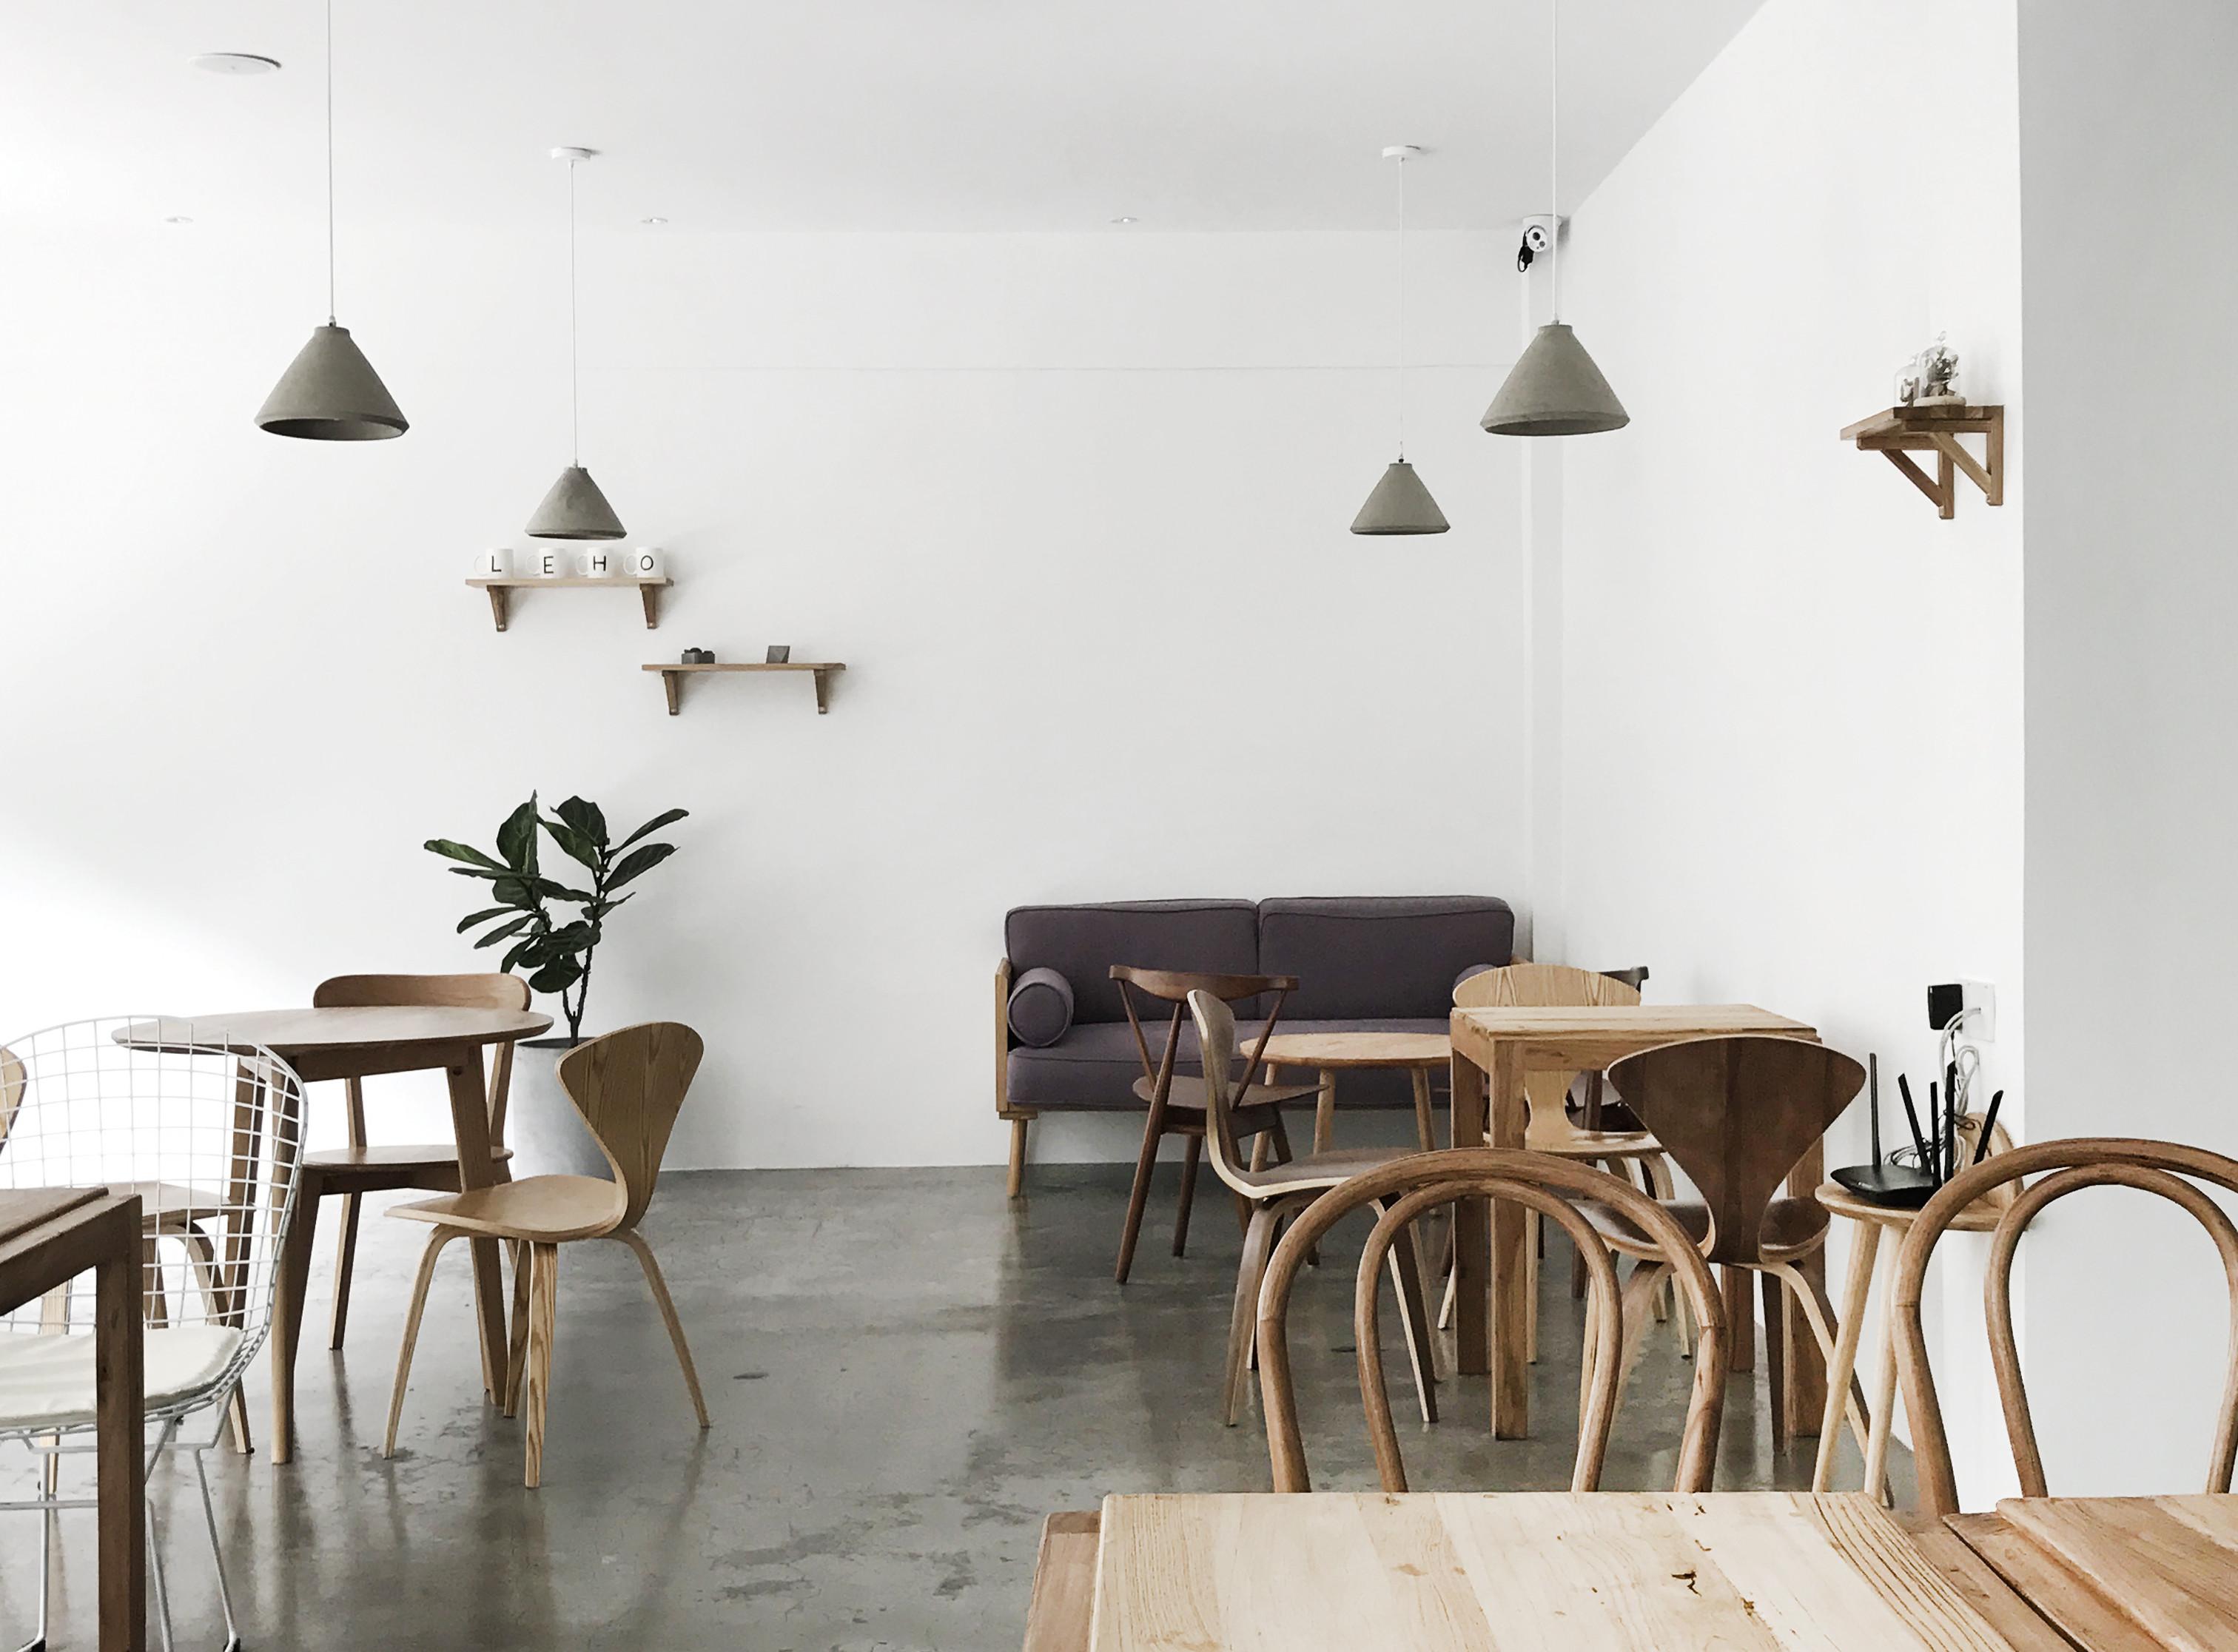 极简猫咪咖啡厅装修座位区设计图